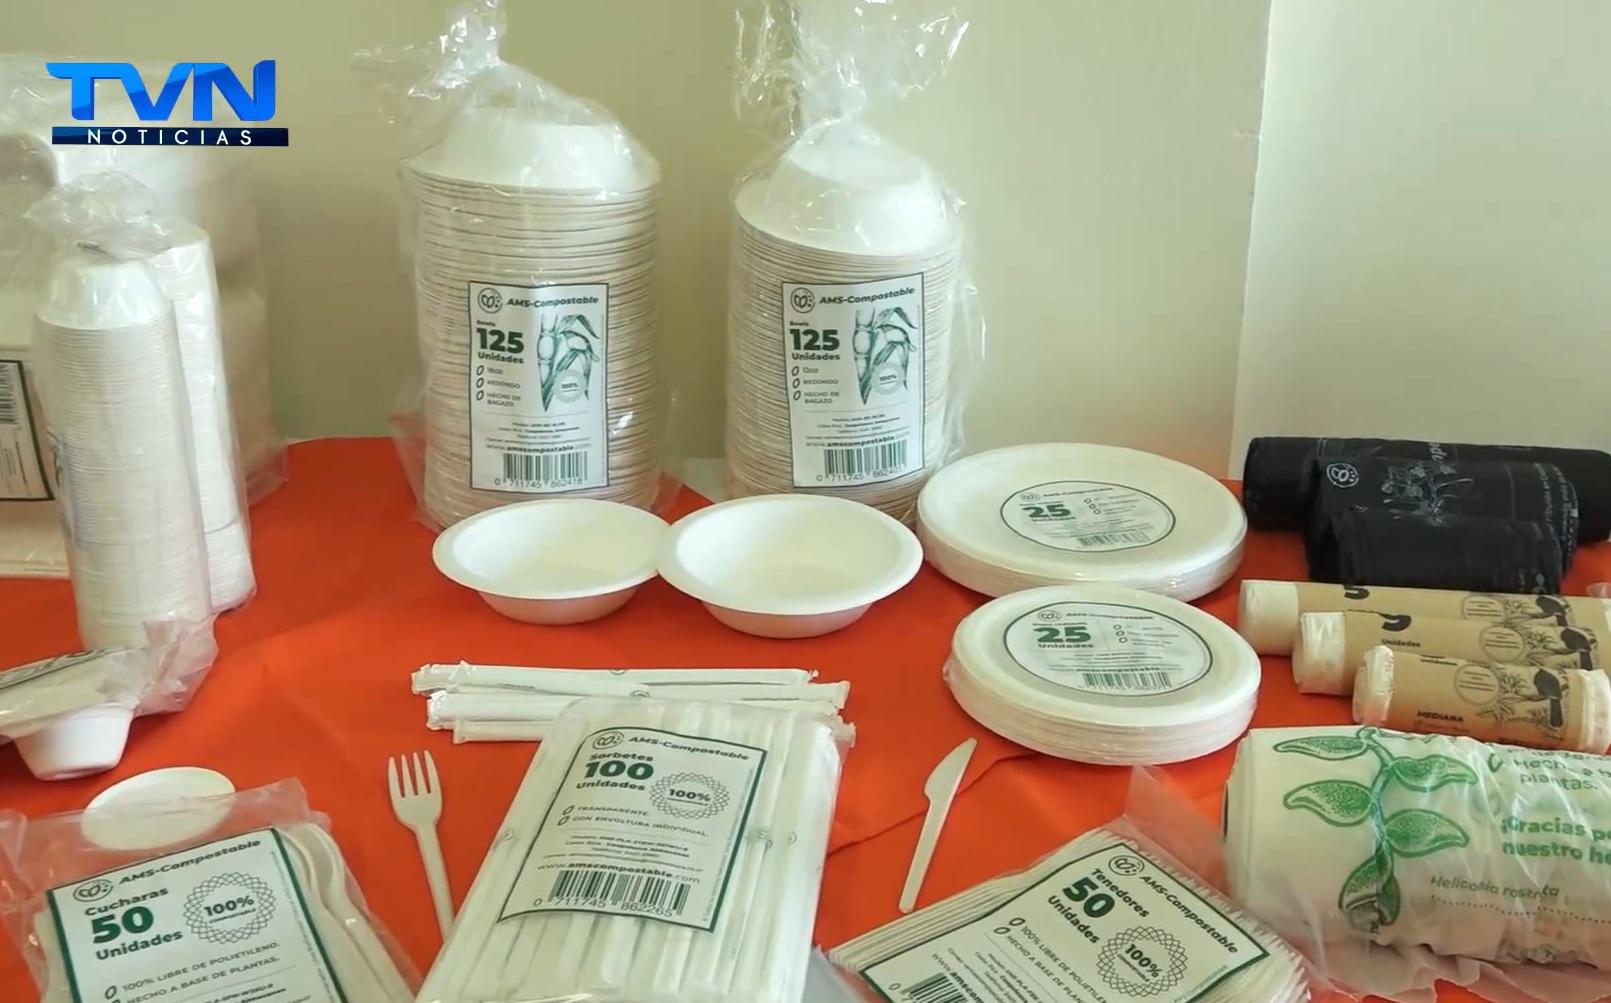 Recomiendan el uso de productos compostables ante prohibición del estereofón en el país